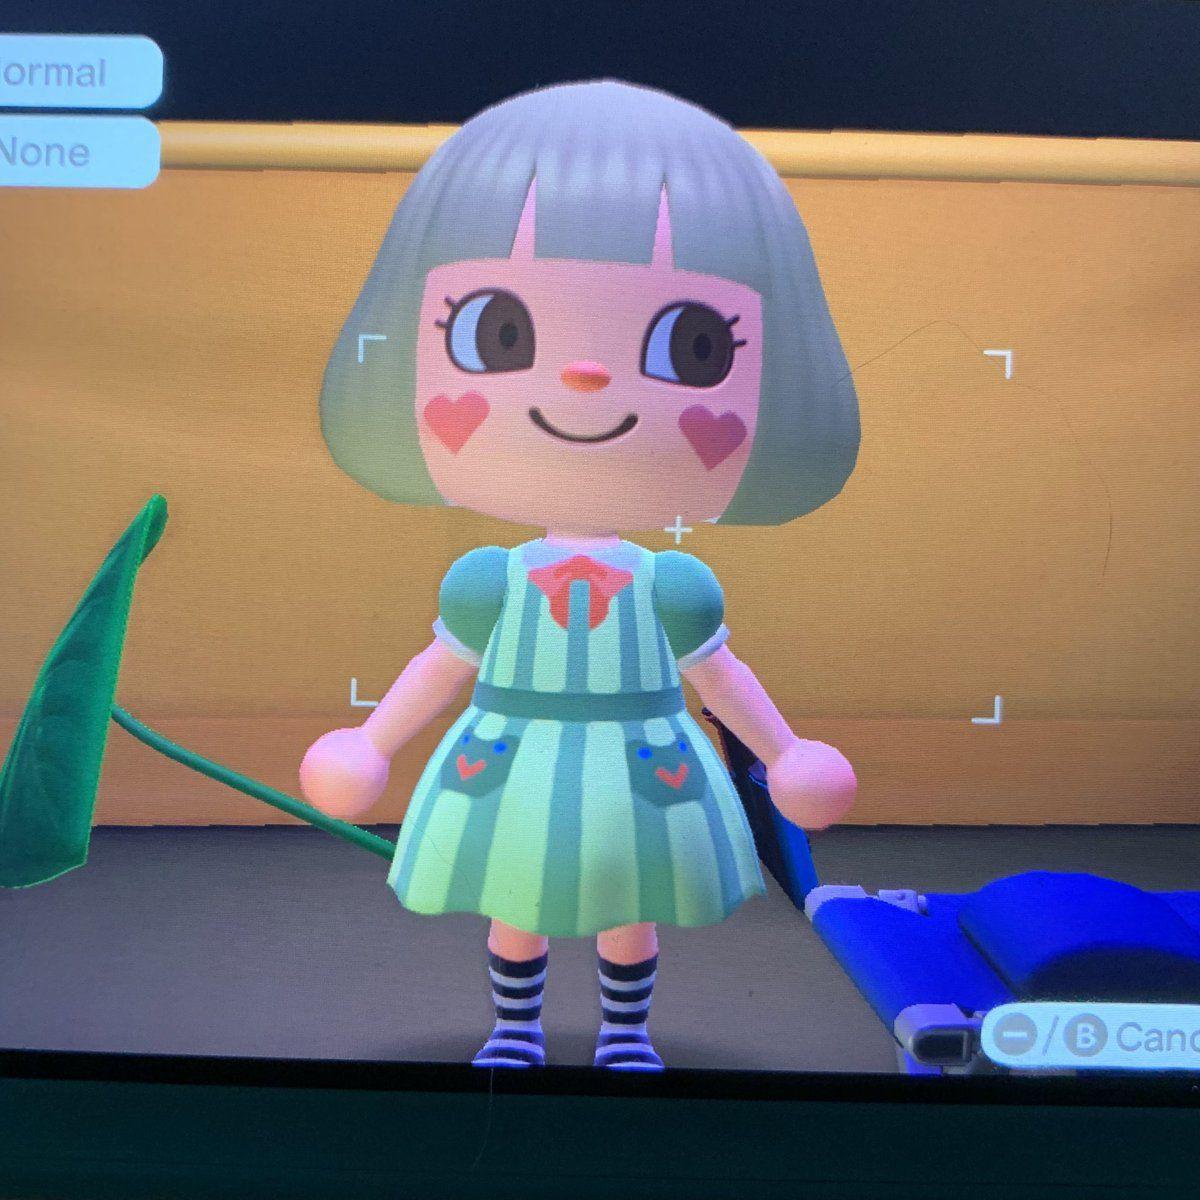 Shoujo girl in 2020 Design maker, Animal crossing, Take